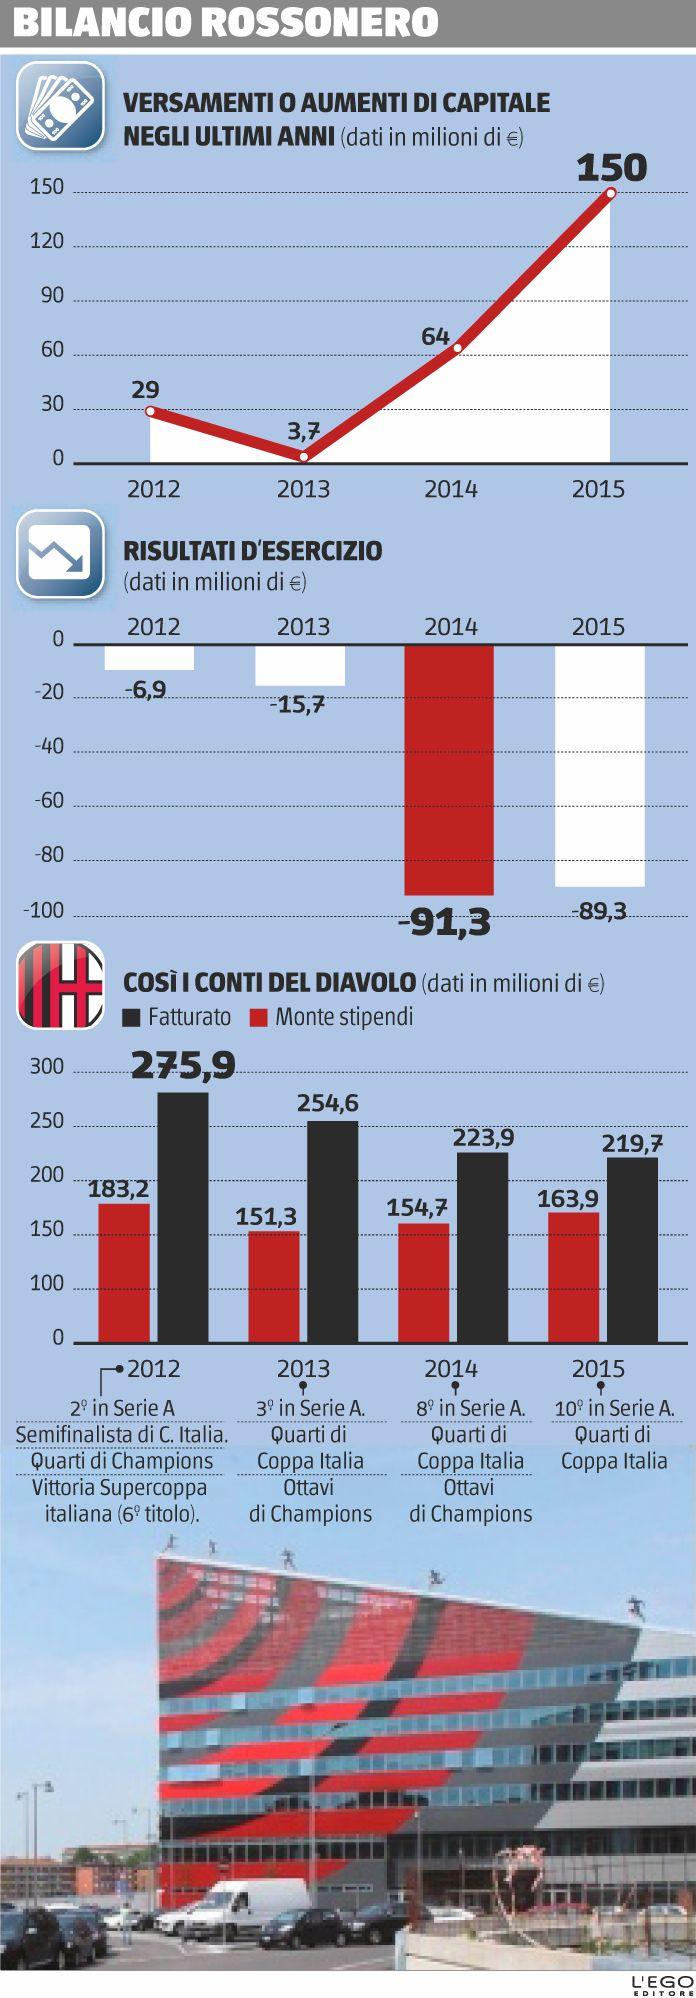 Bilancio Rossonero   il Giornale 29/04/2016 #Milan #infografiche